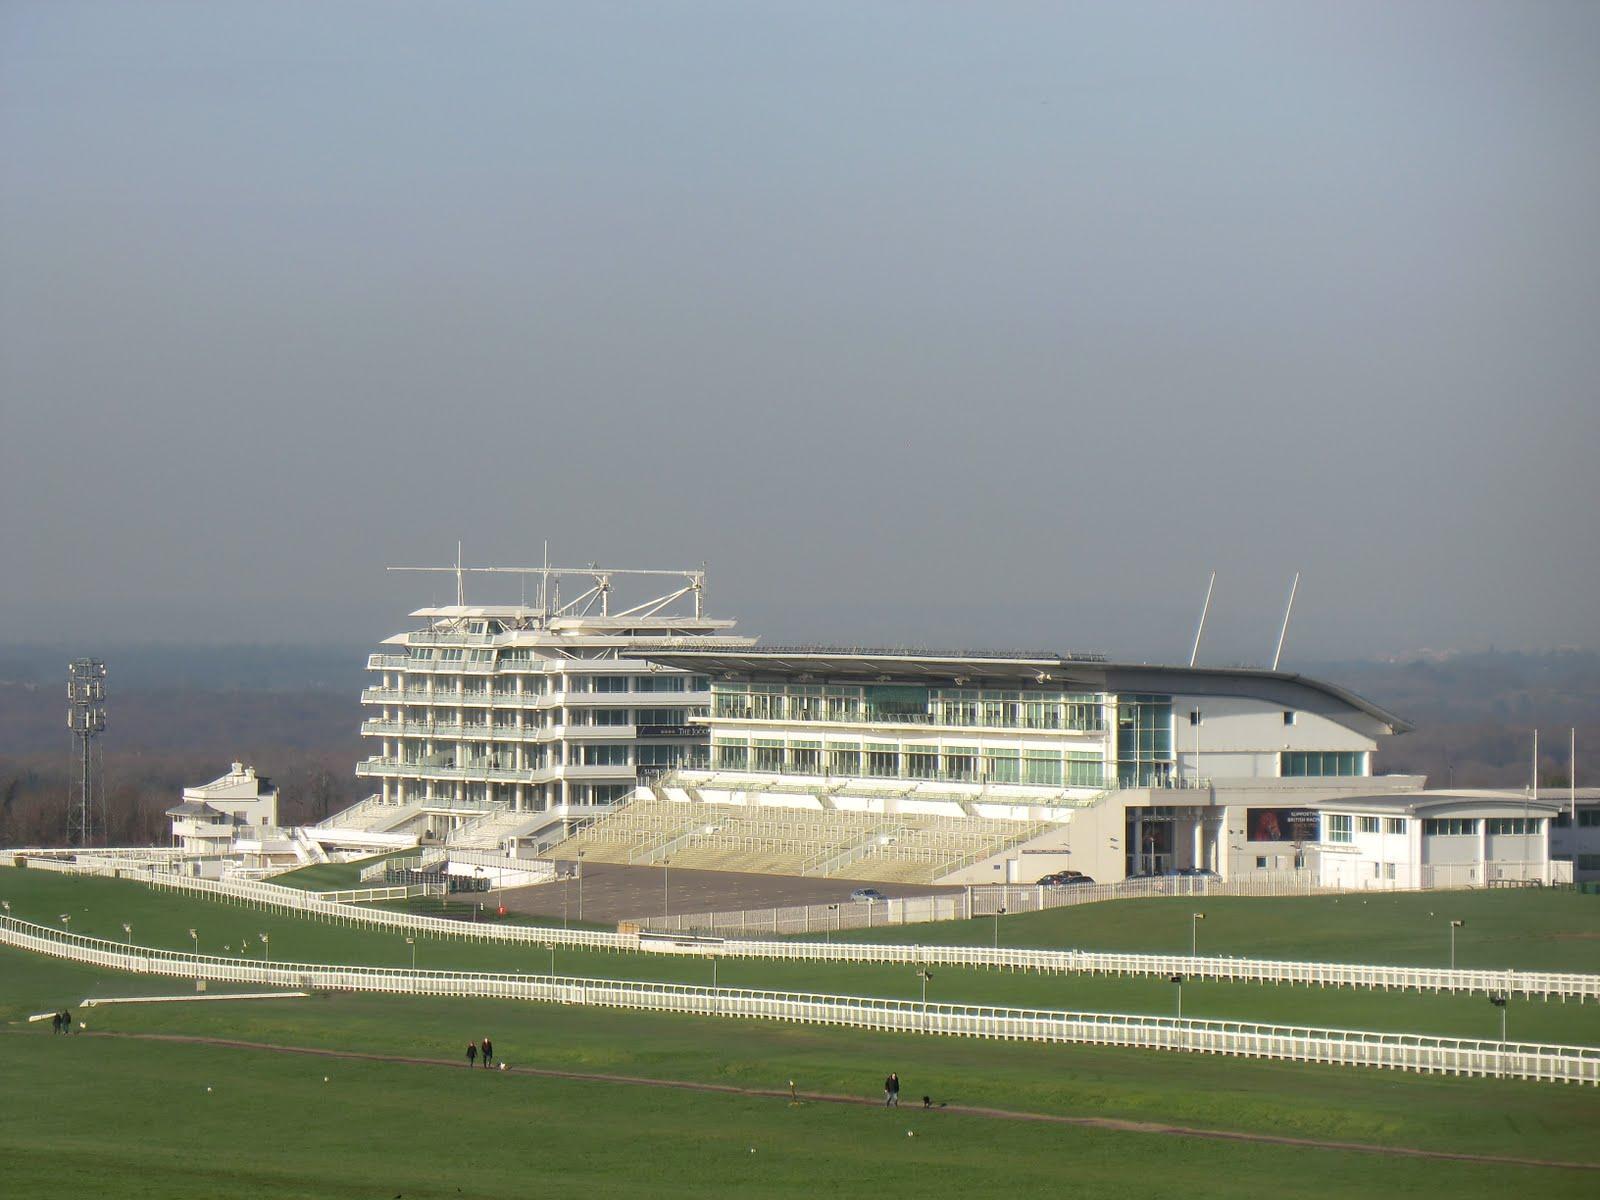 CIMG2210 Epsom Downs Racecourse